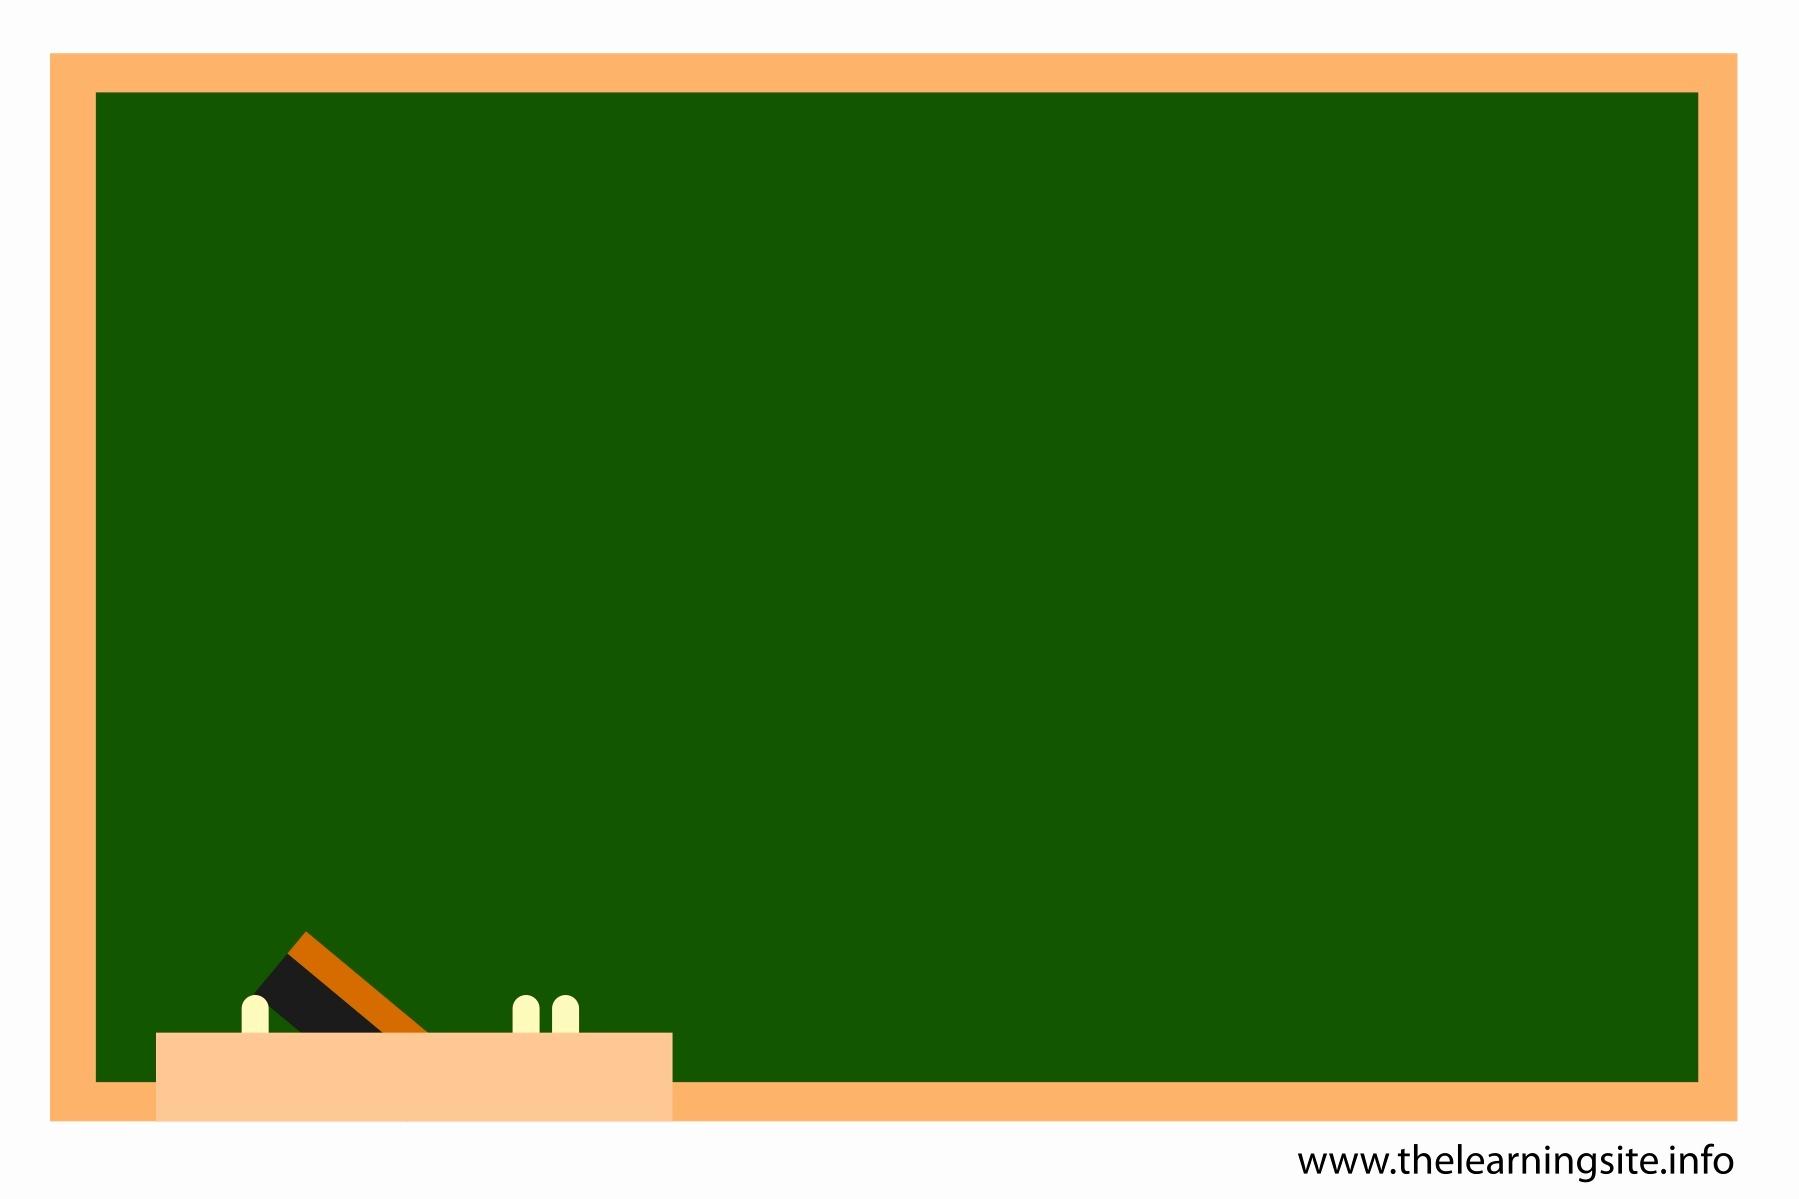 Chalkboard clipart. Powerpoint template fresh blackboard